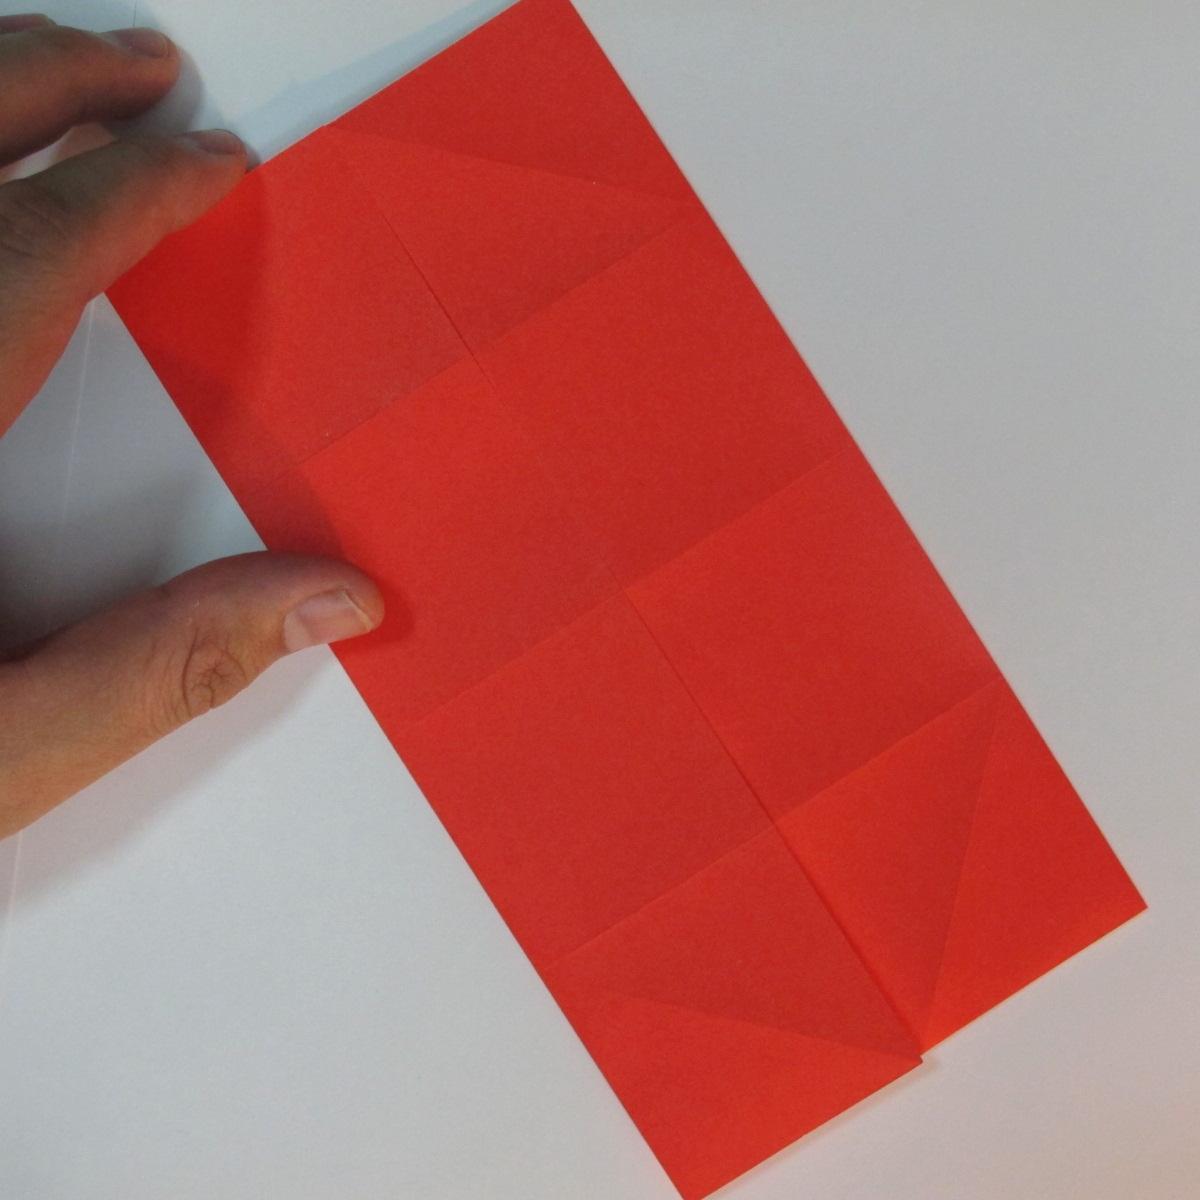 วิธีพับกระดาษพับดอกกุหลาบ 005